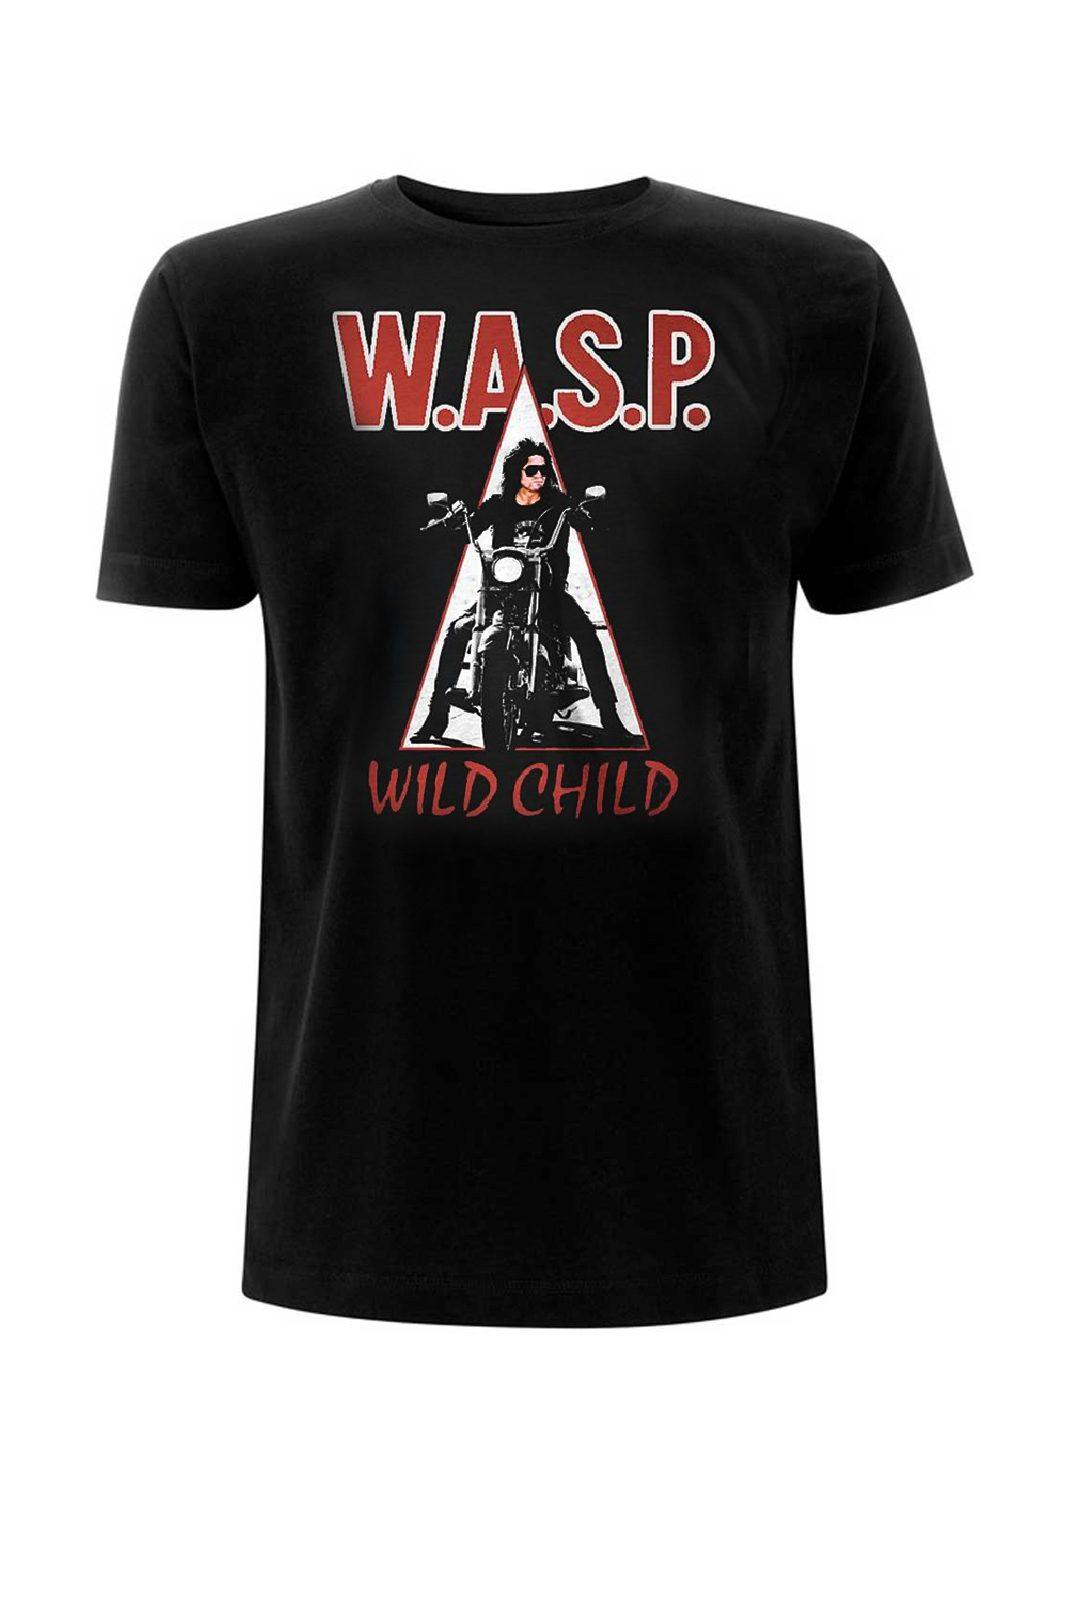 Tee Wasp Wild Child Black